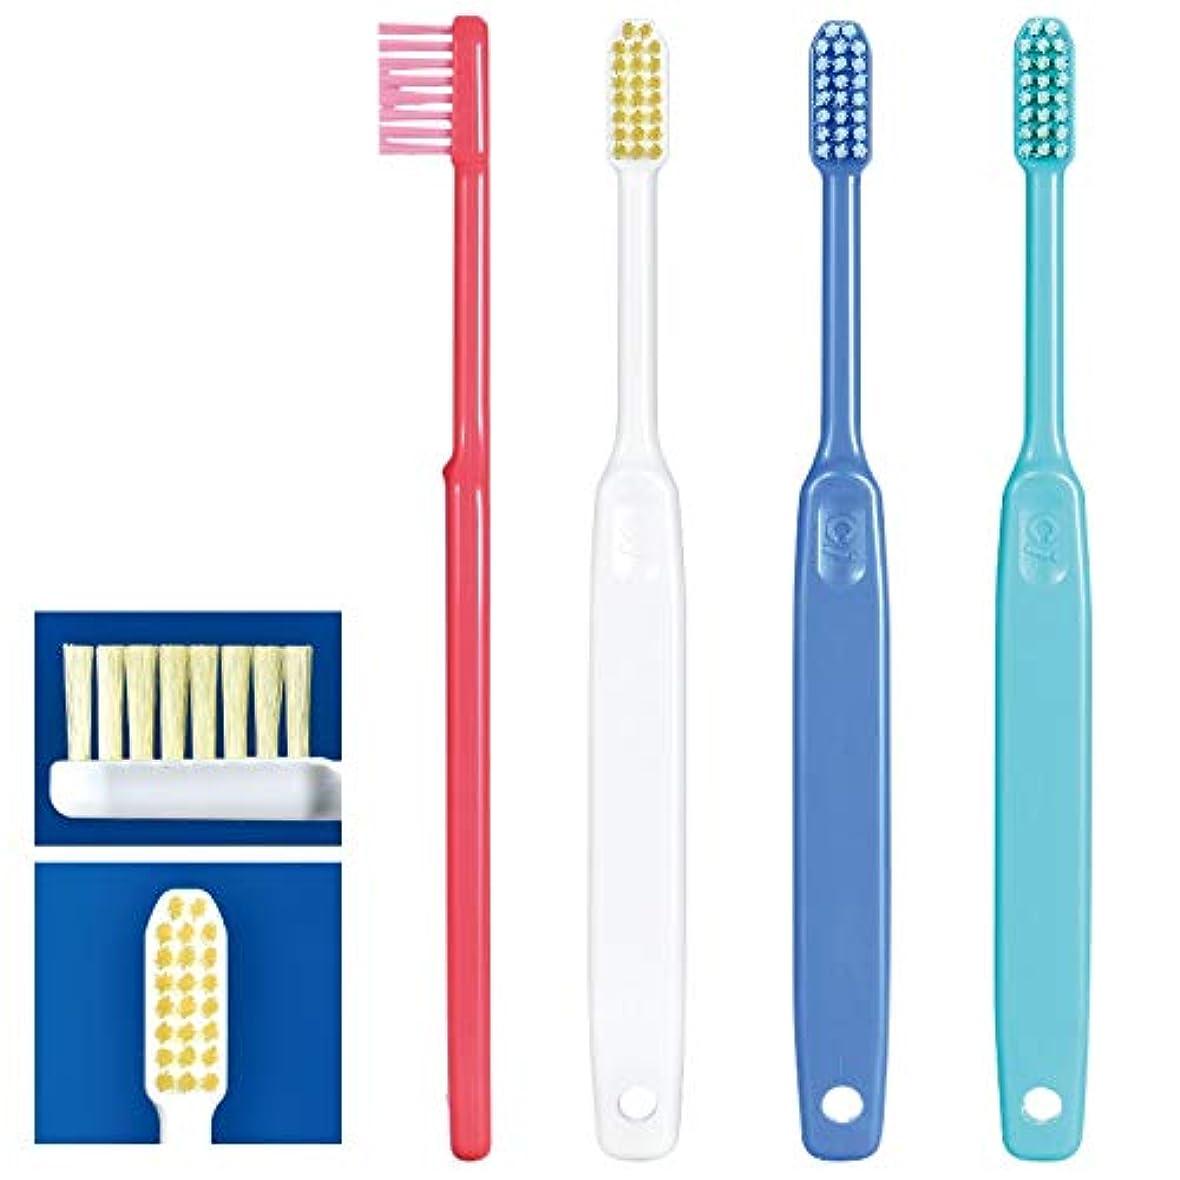 アルコール特殊ファッションCi20カラー歯ブラシ 20本 MS(やややわらかめ) 日本製 カラー毛 高密度植毛 歯科専売品